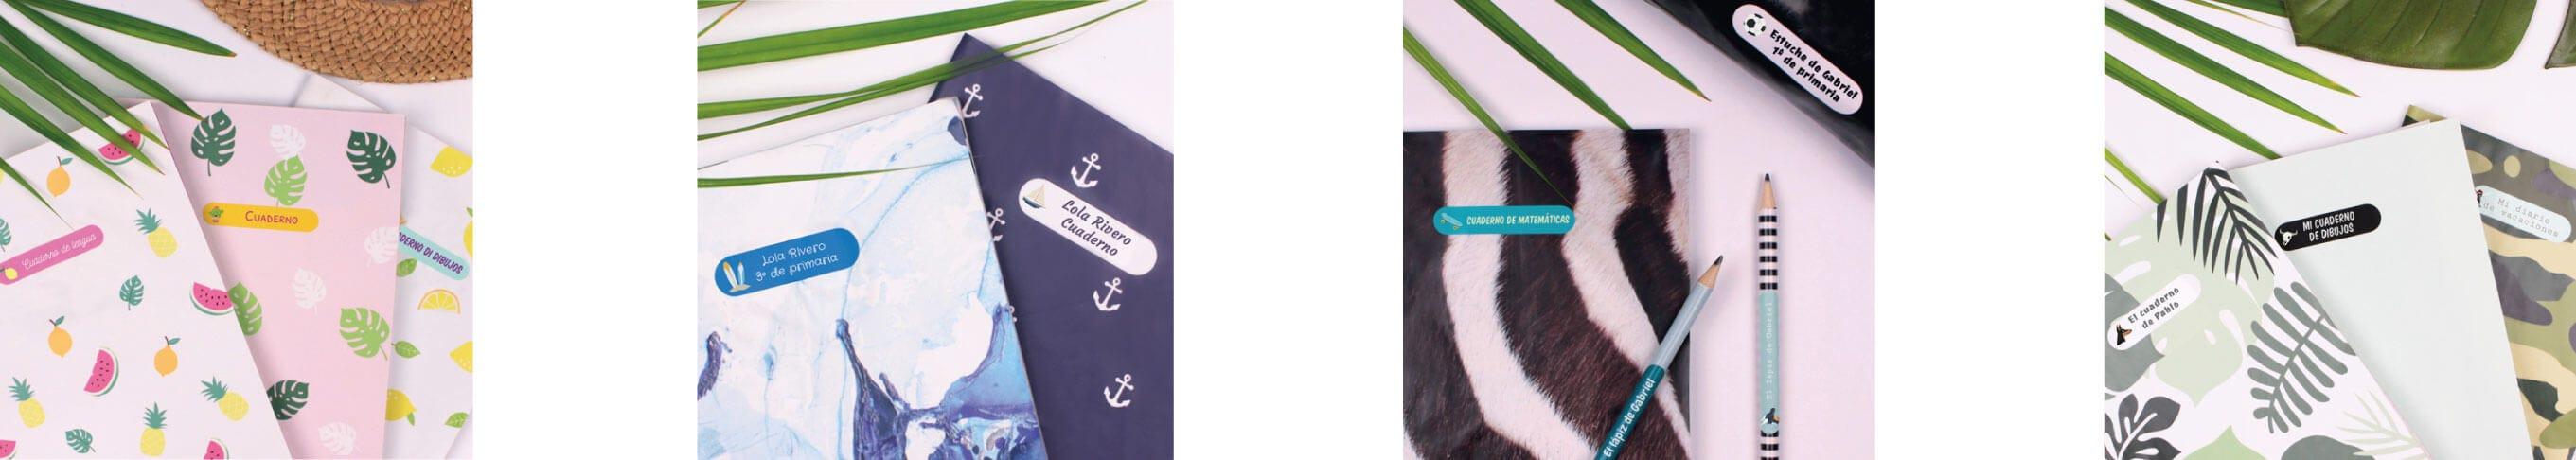 personaliza cada etiqueta con el multipack